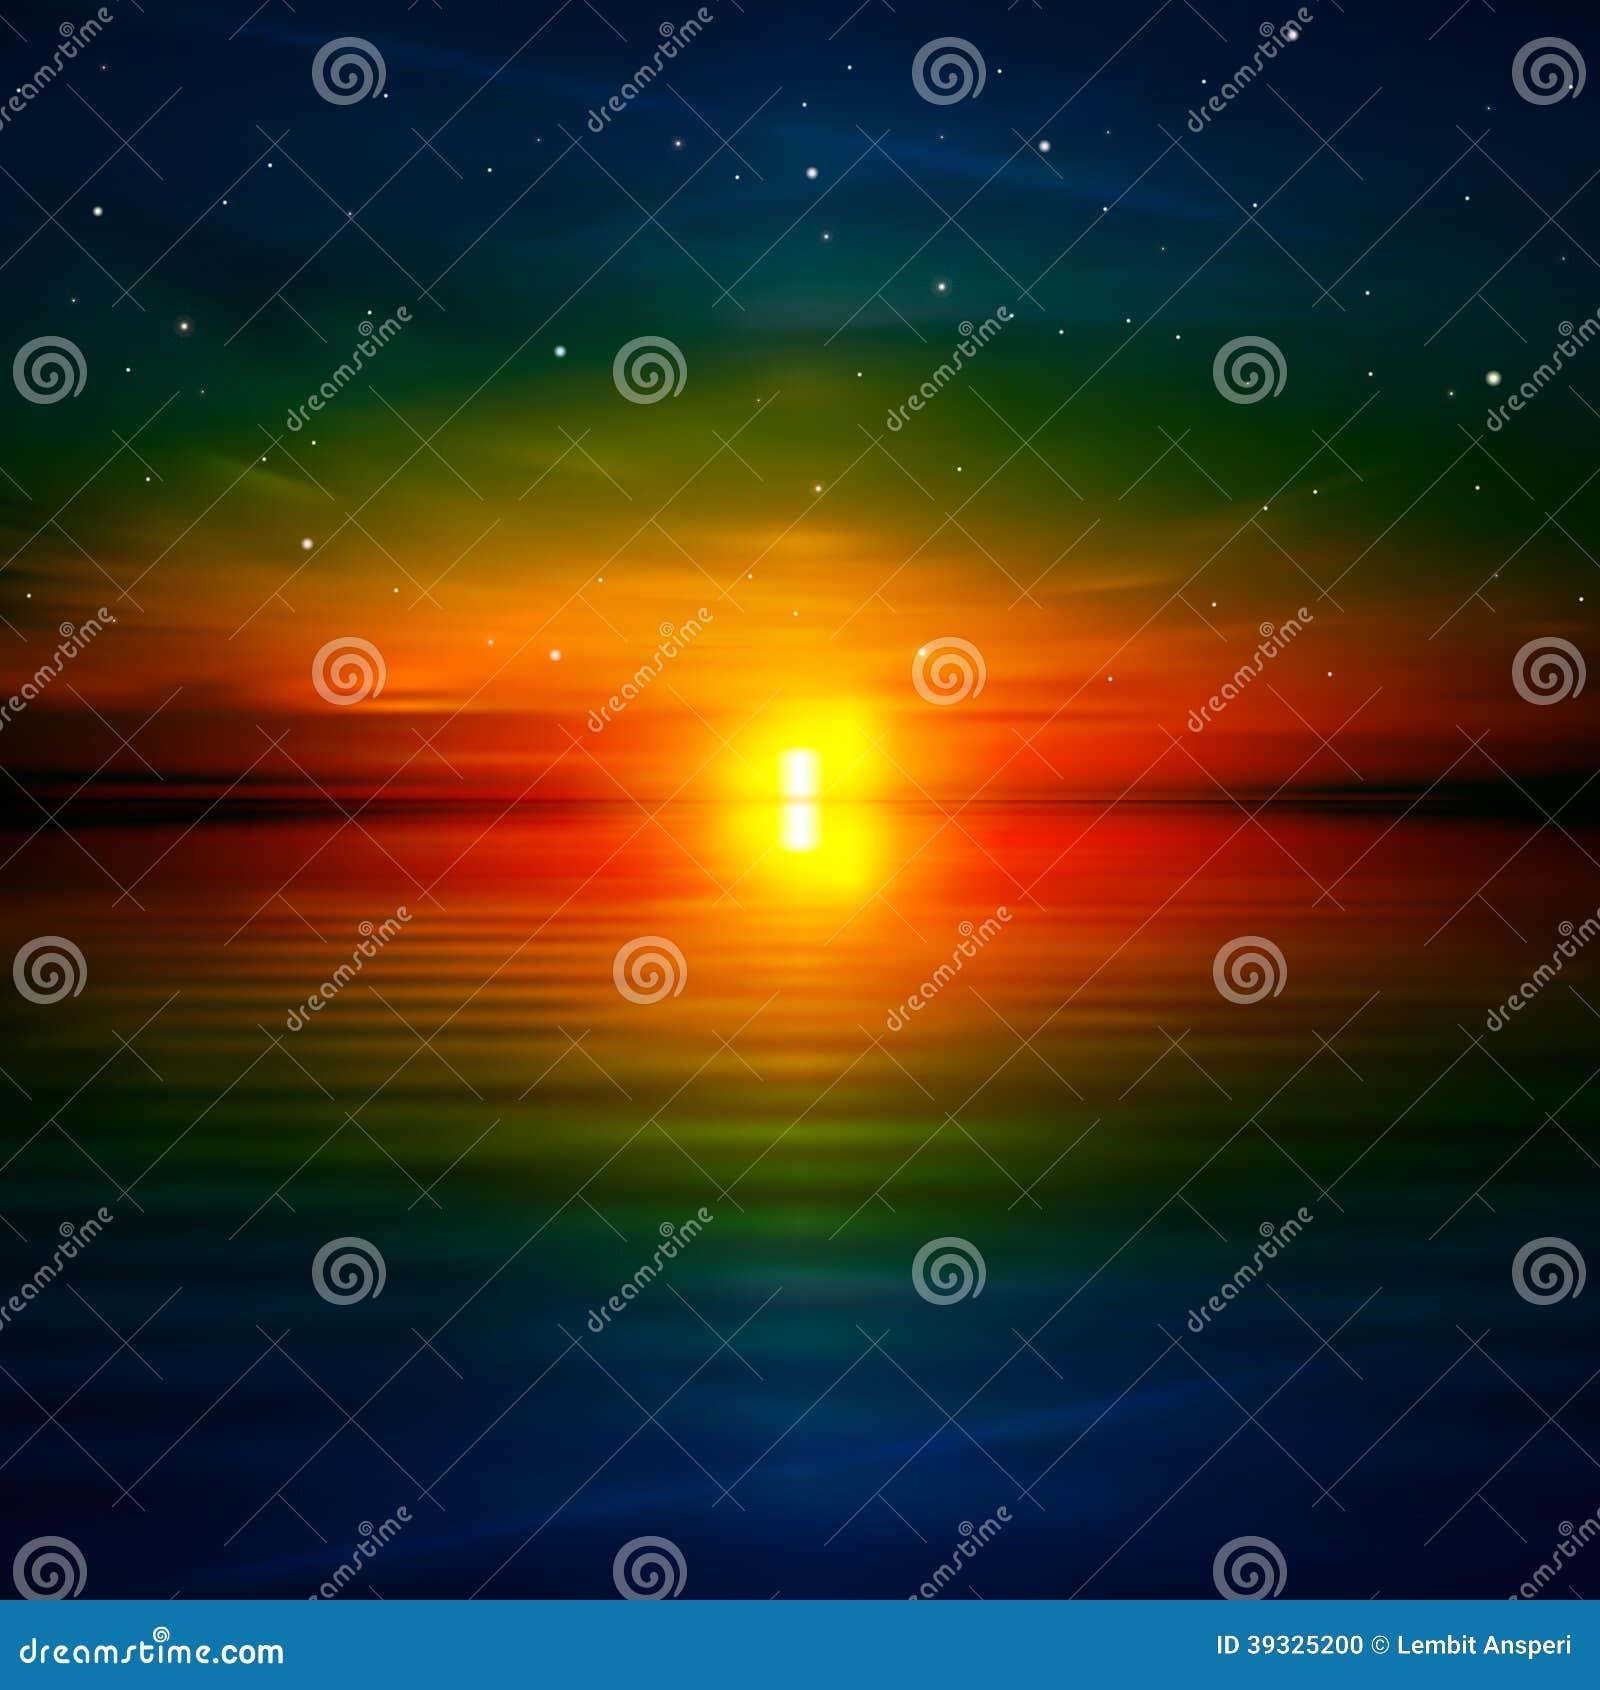 Fondo abstracto con salida del sol del mar ilustraci n del for Fondo del sol